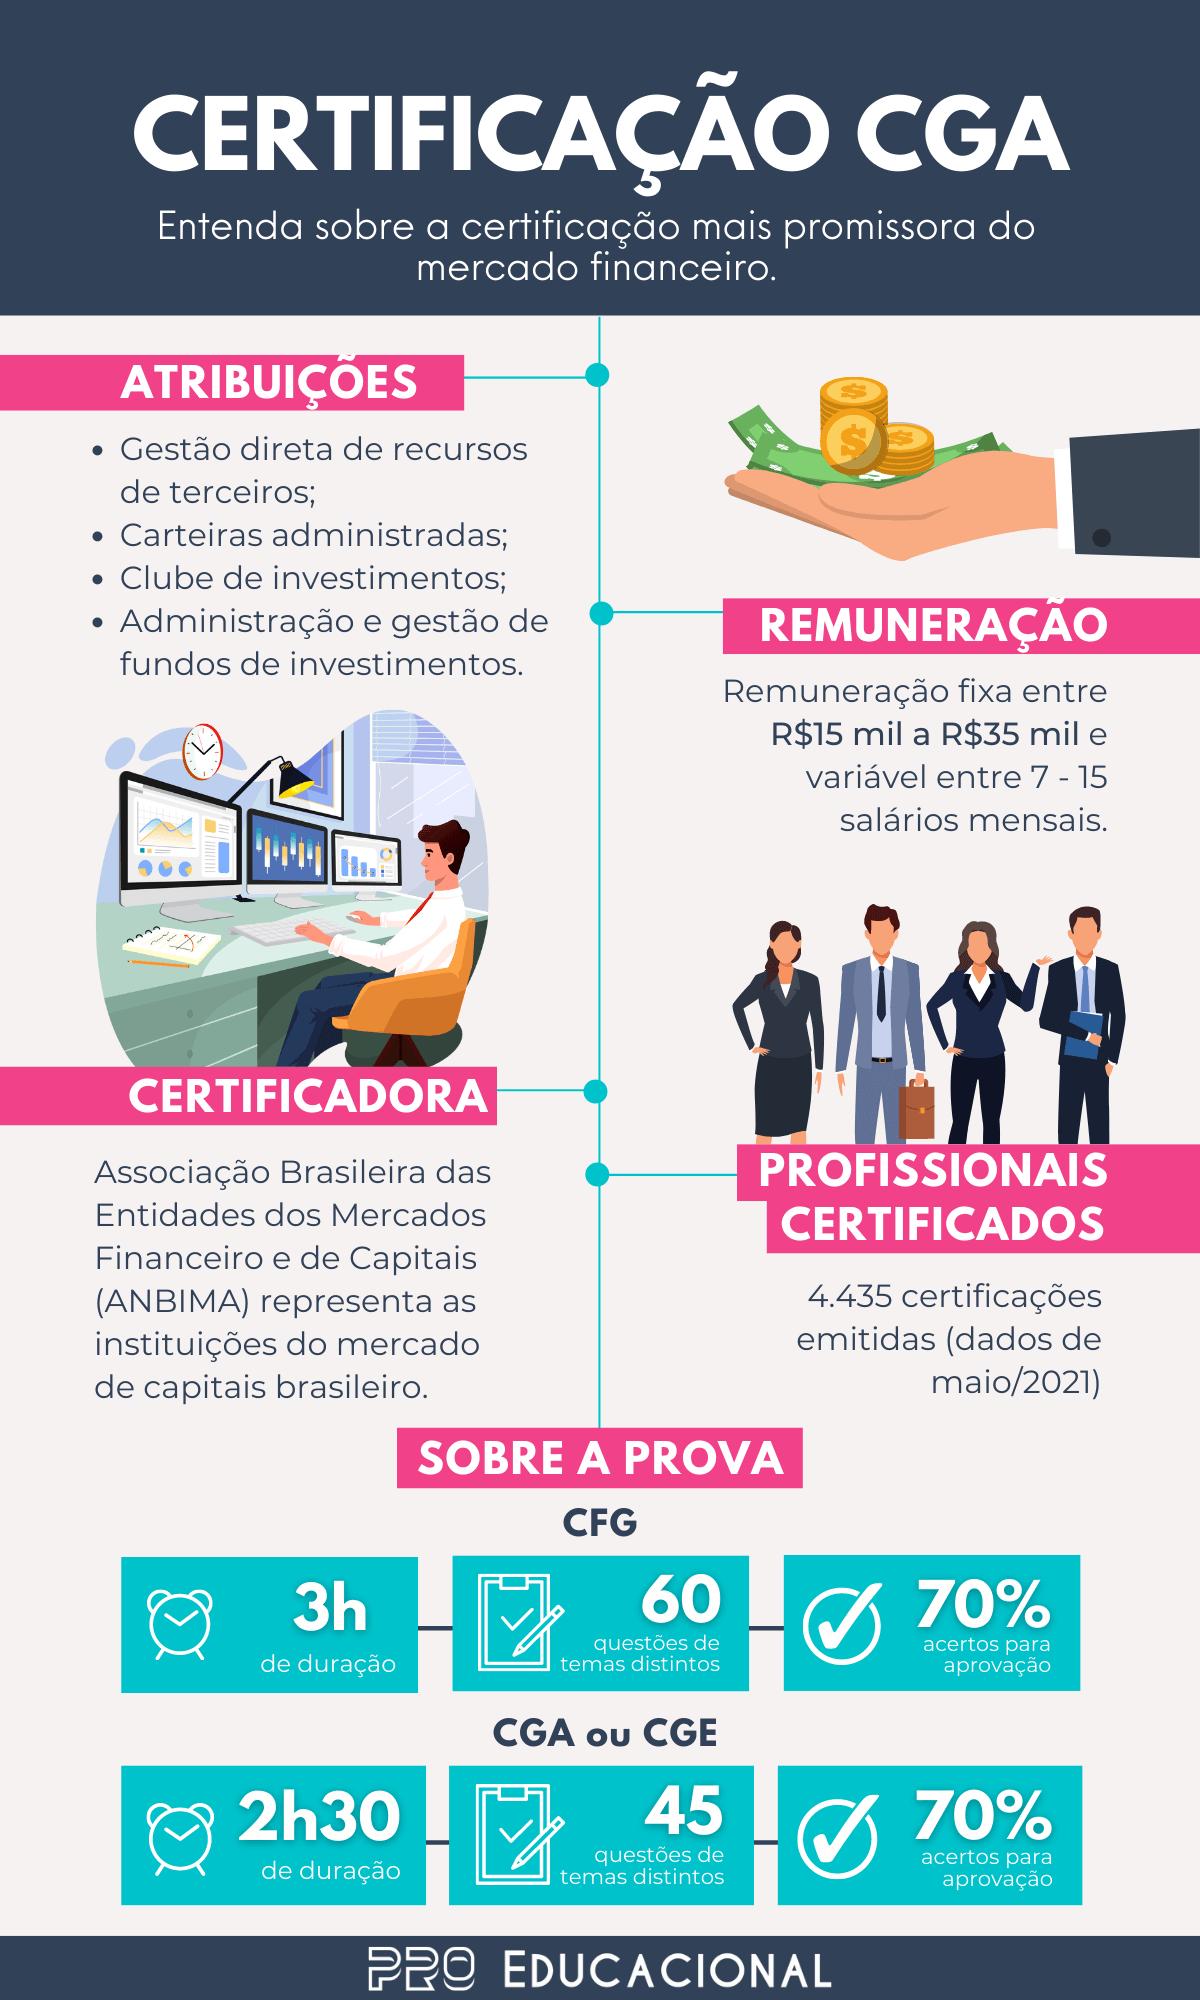 Infográfico Certificação CGA